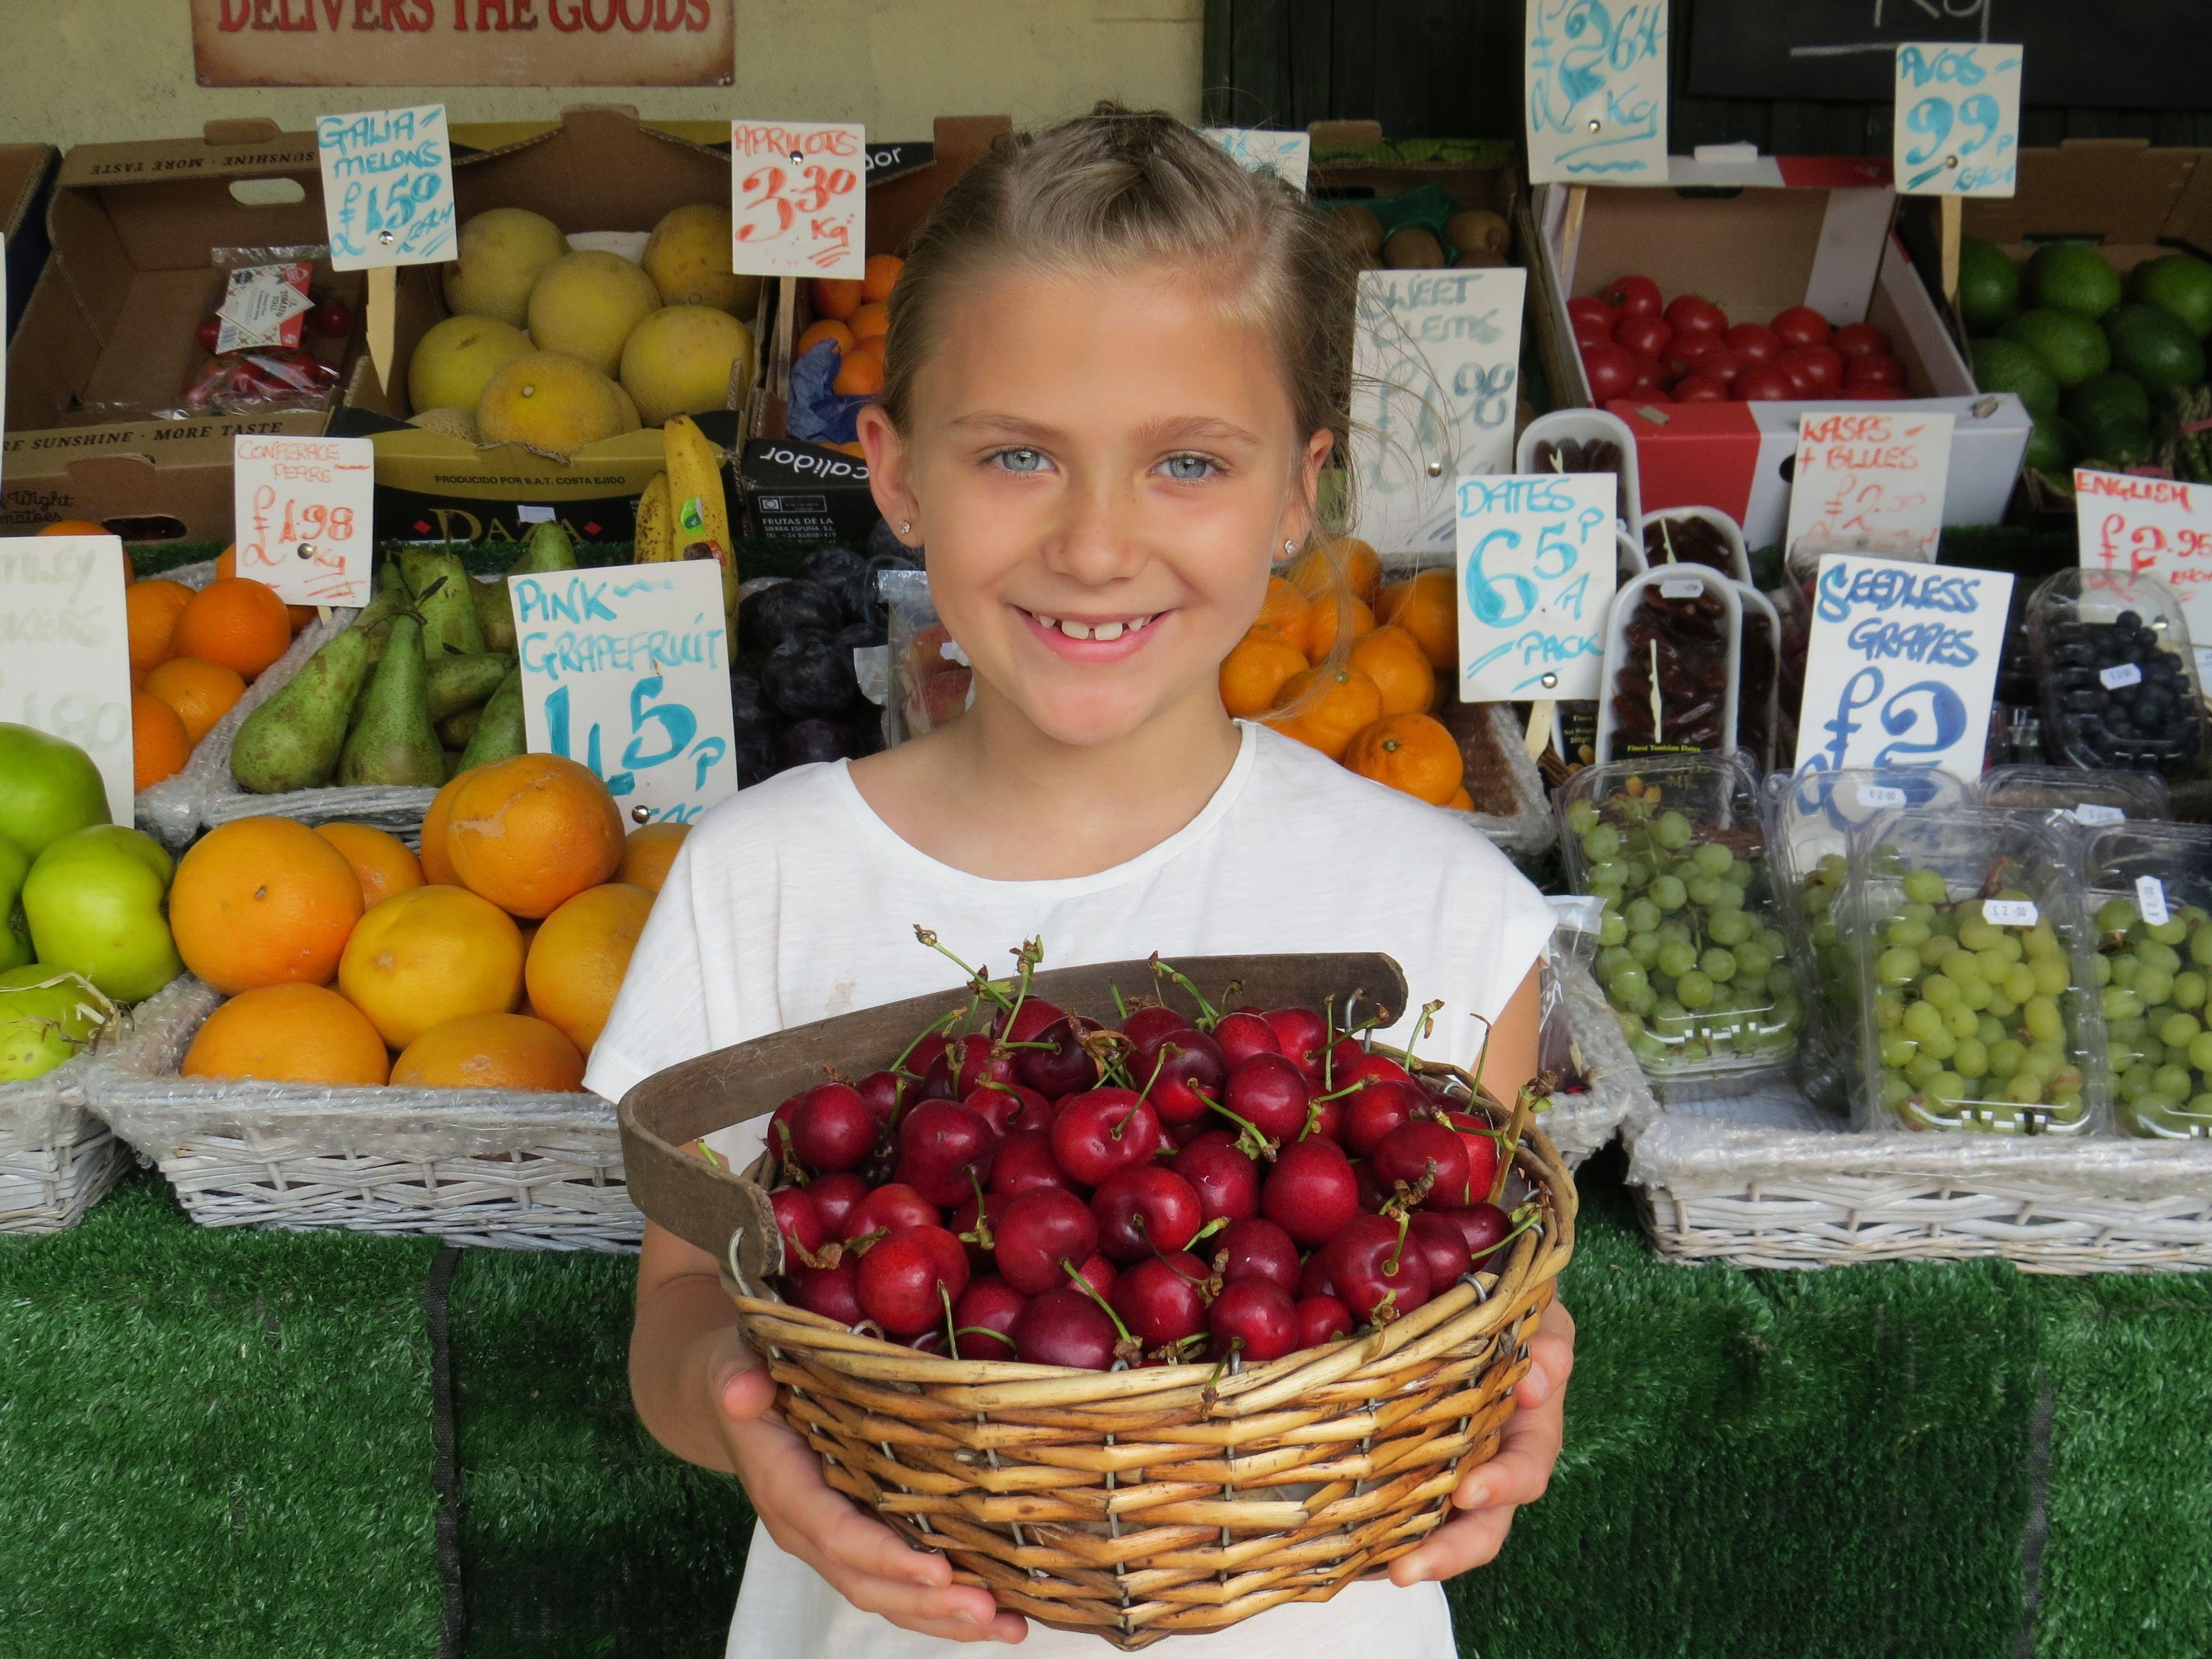 Basket of cherries.JPG